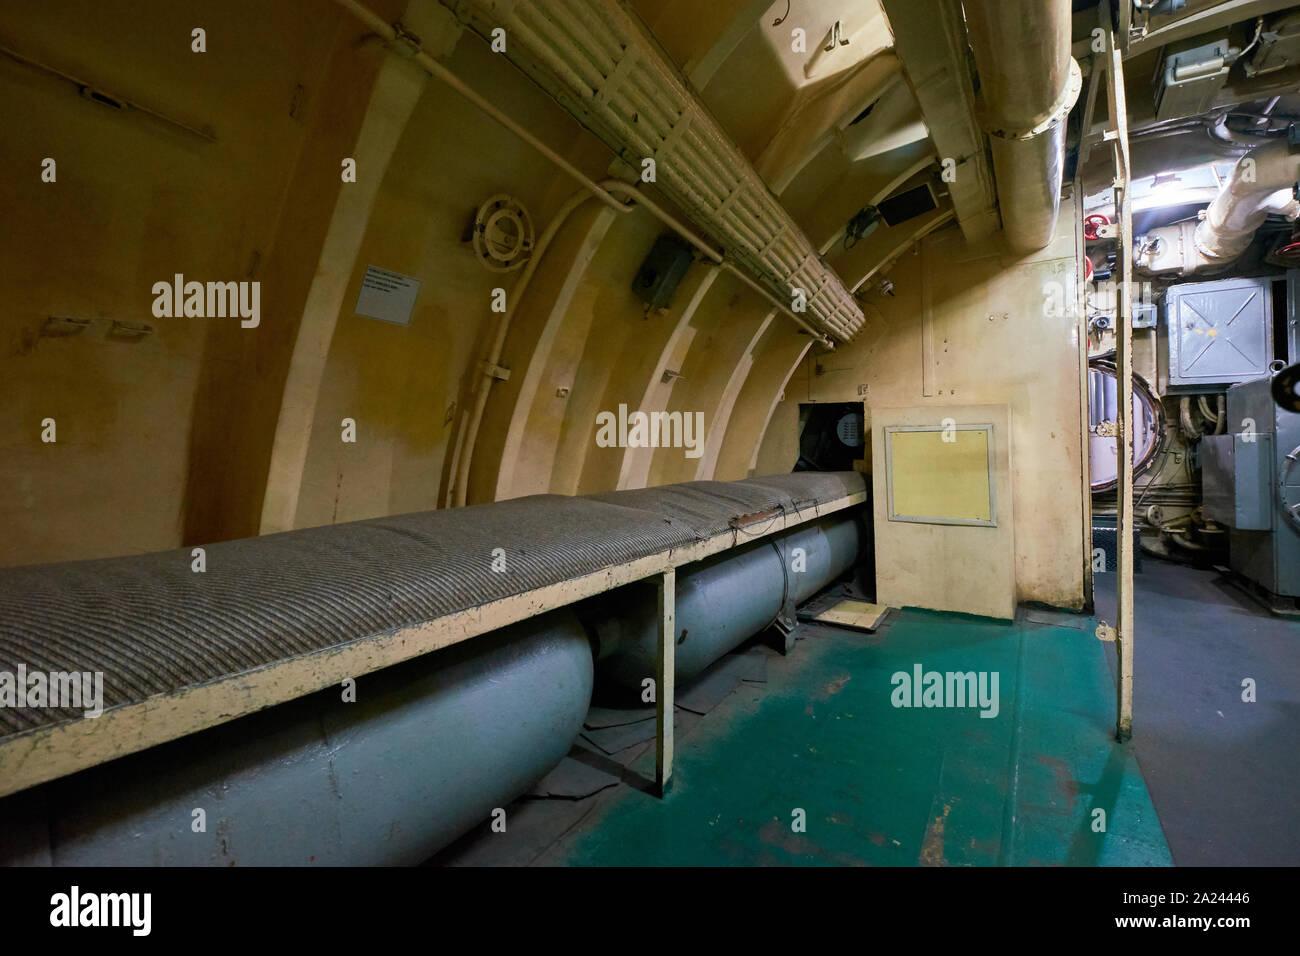 Los hombres alistados dormir área de la WWII era Pasopati submarino ruso. El submarino fue proporcionada a Indonesia durante su lucha por la independencia. En S Foto de stock